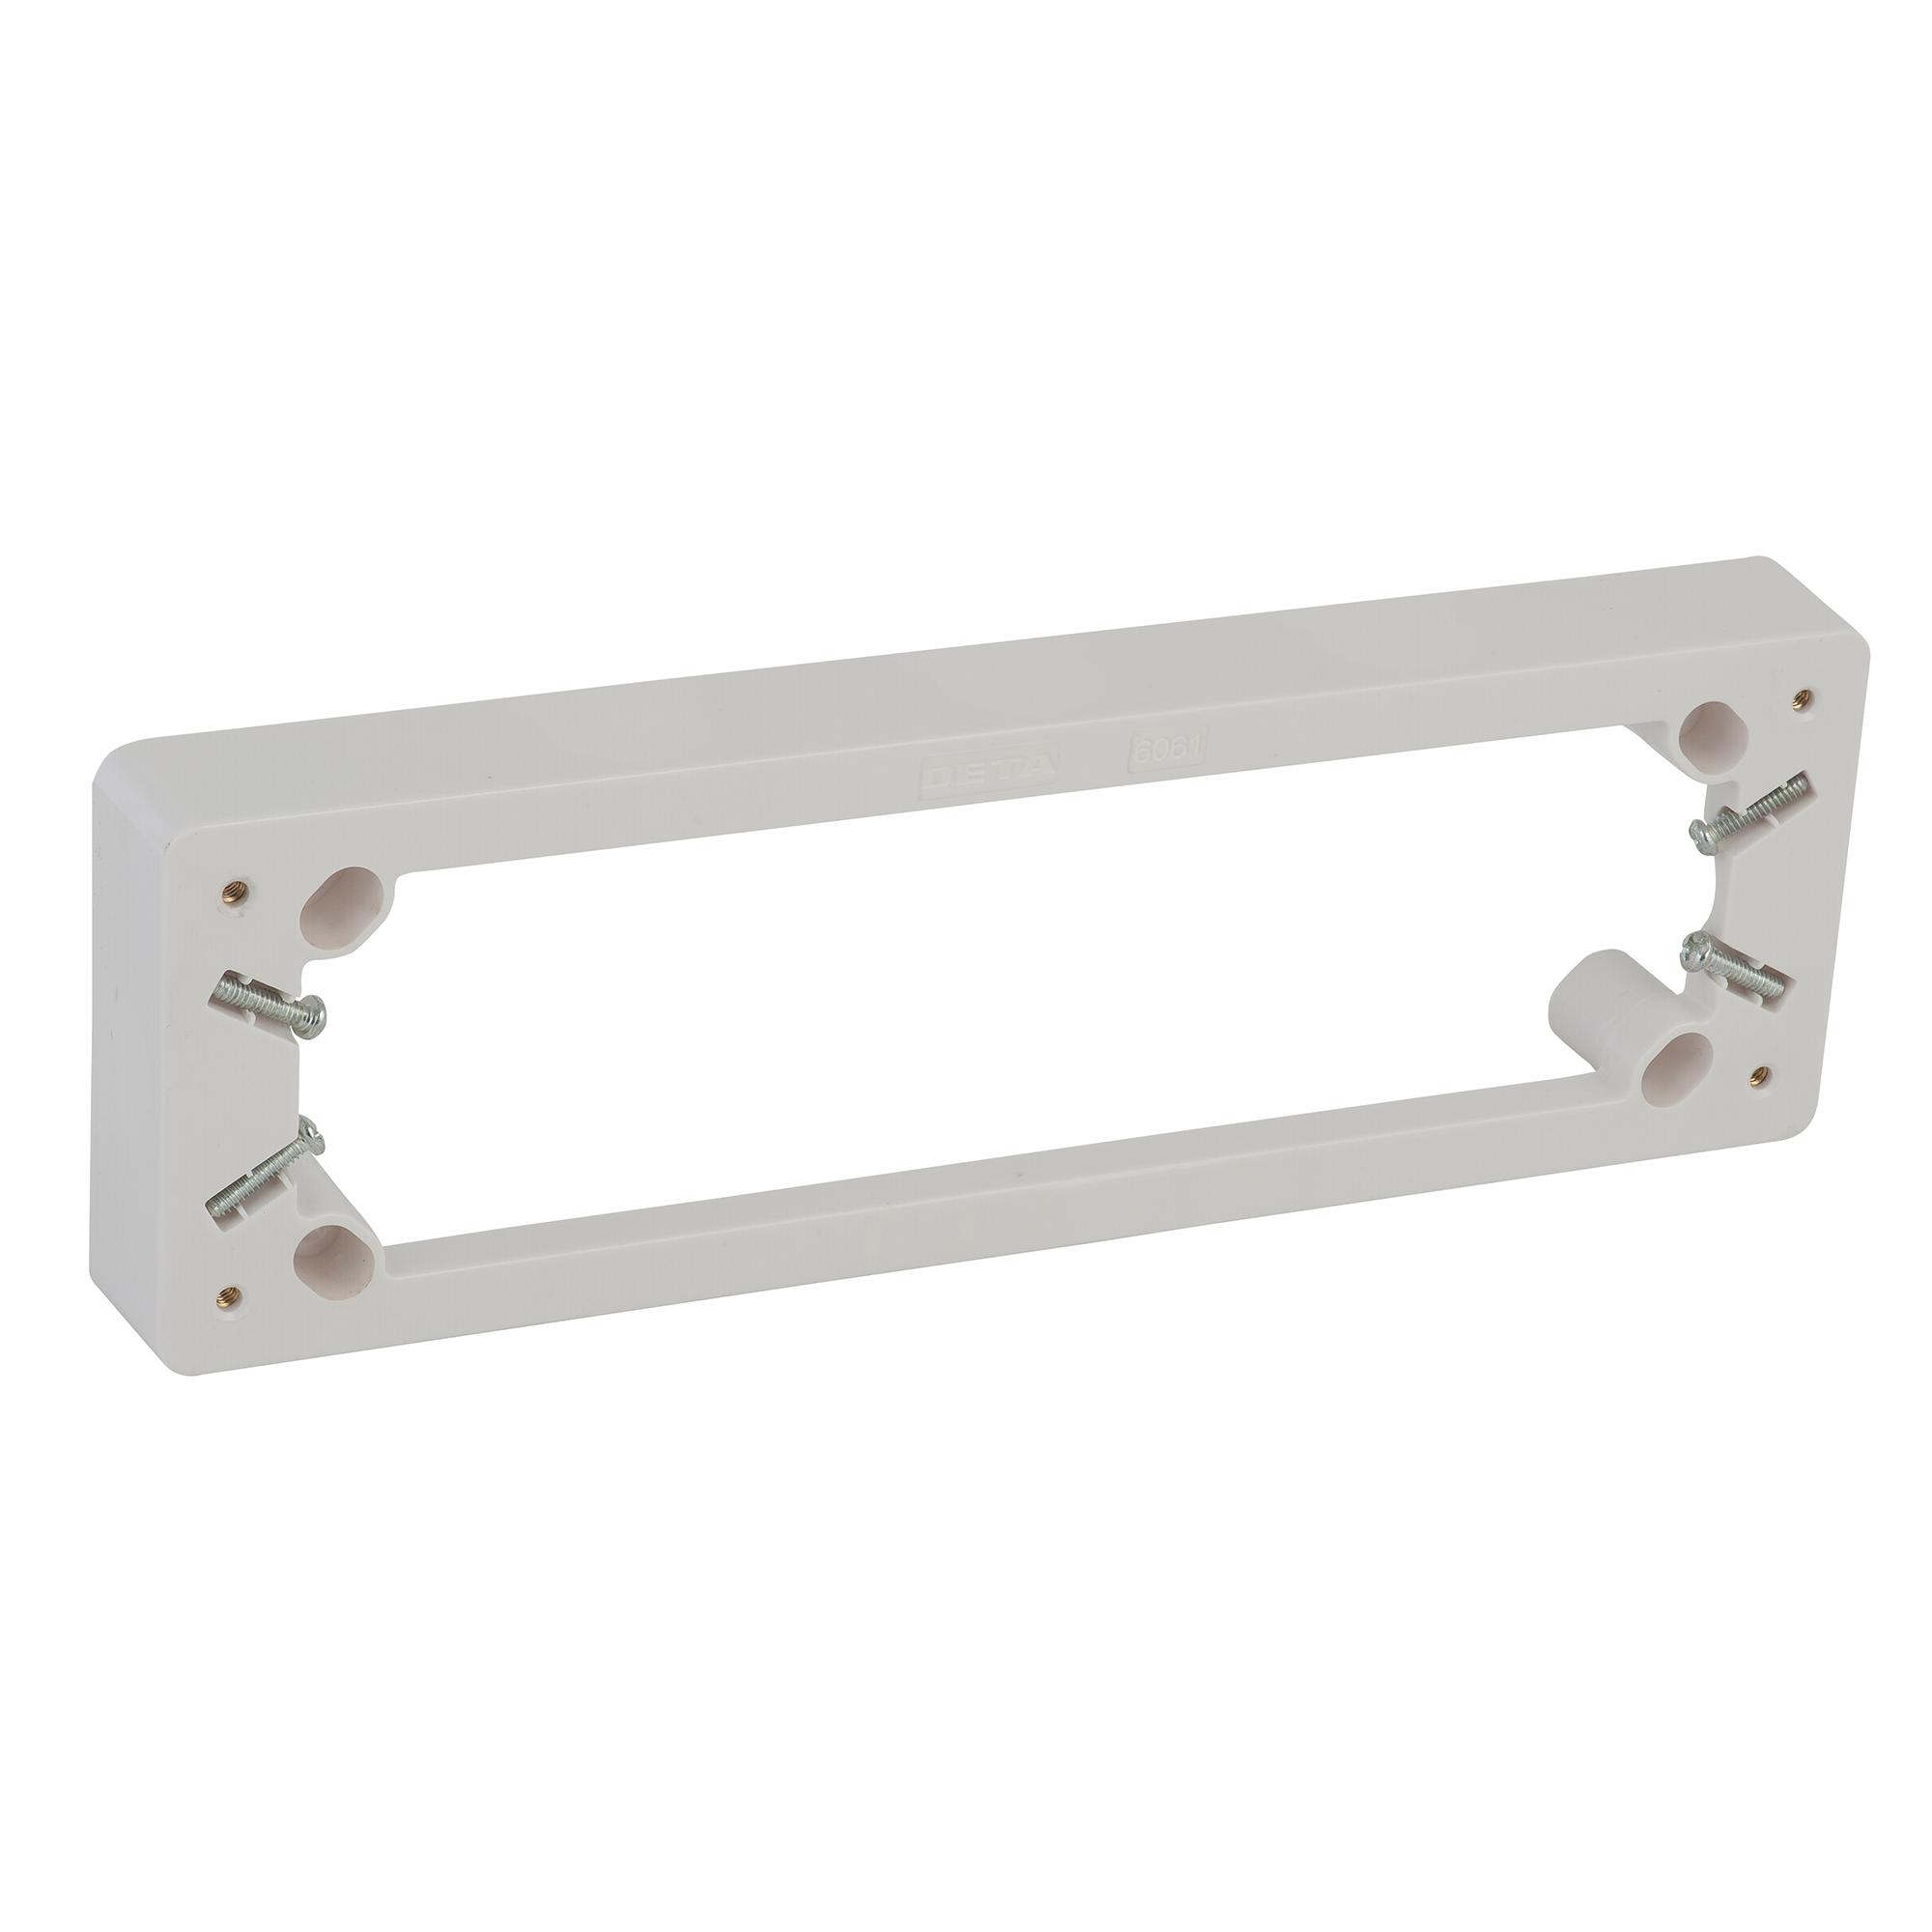 Deta 5 outlet mounting block